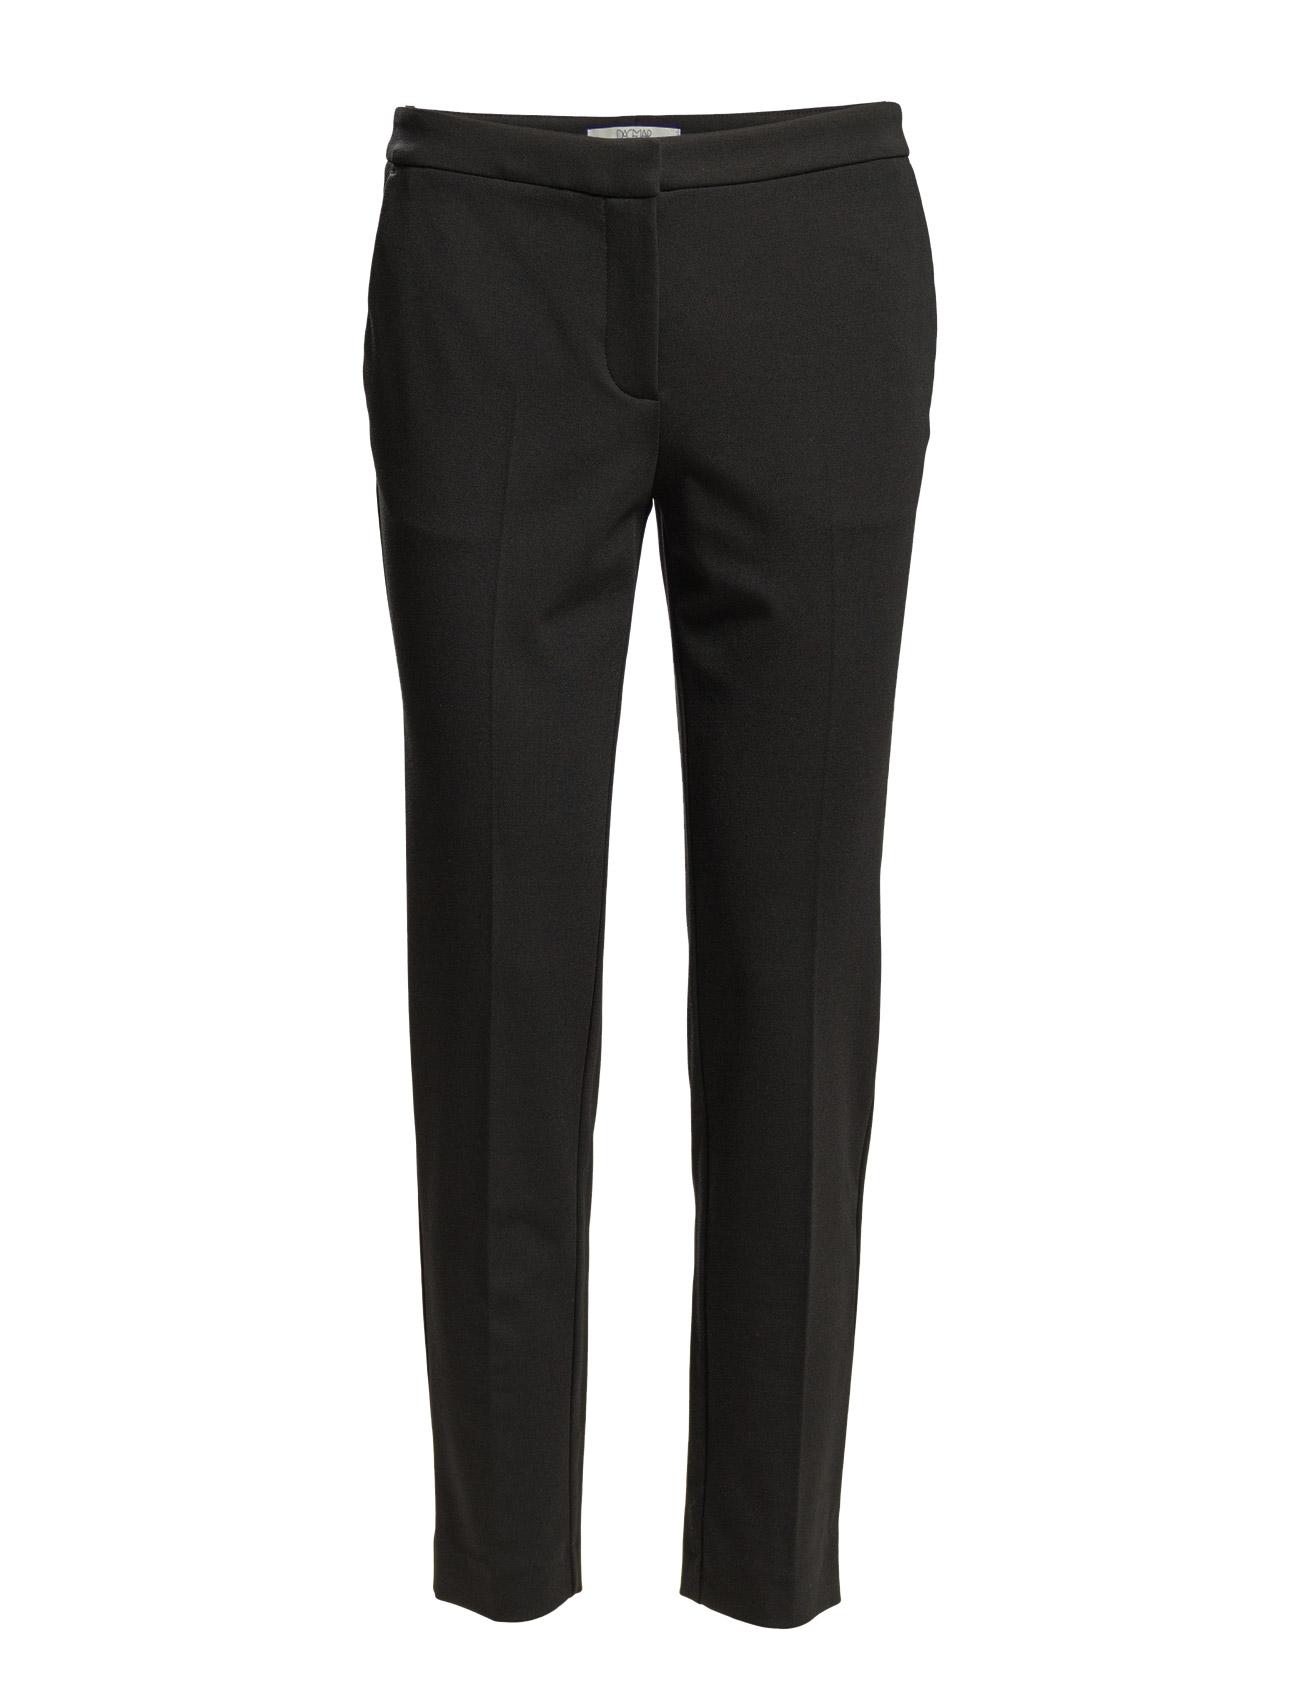 18 snyggaste byxorna att uppdatera garderoben med 2018 - Metro Mode d87da50ff90de